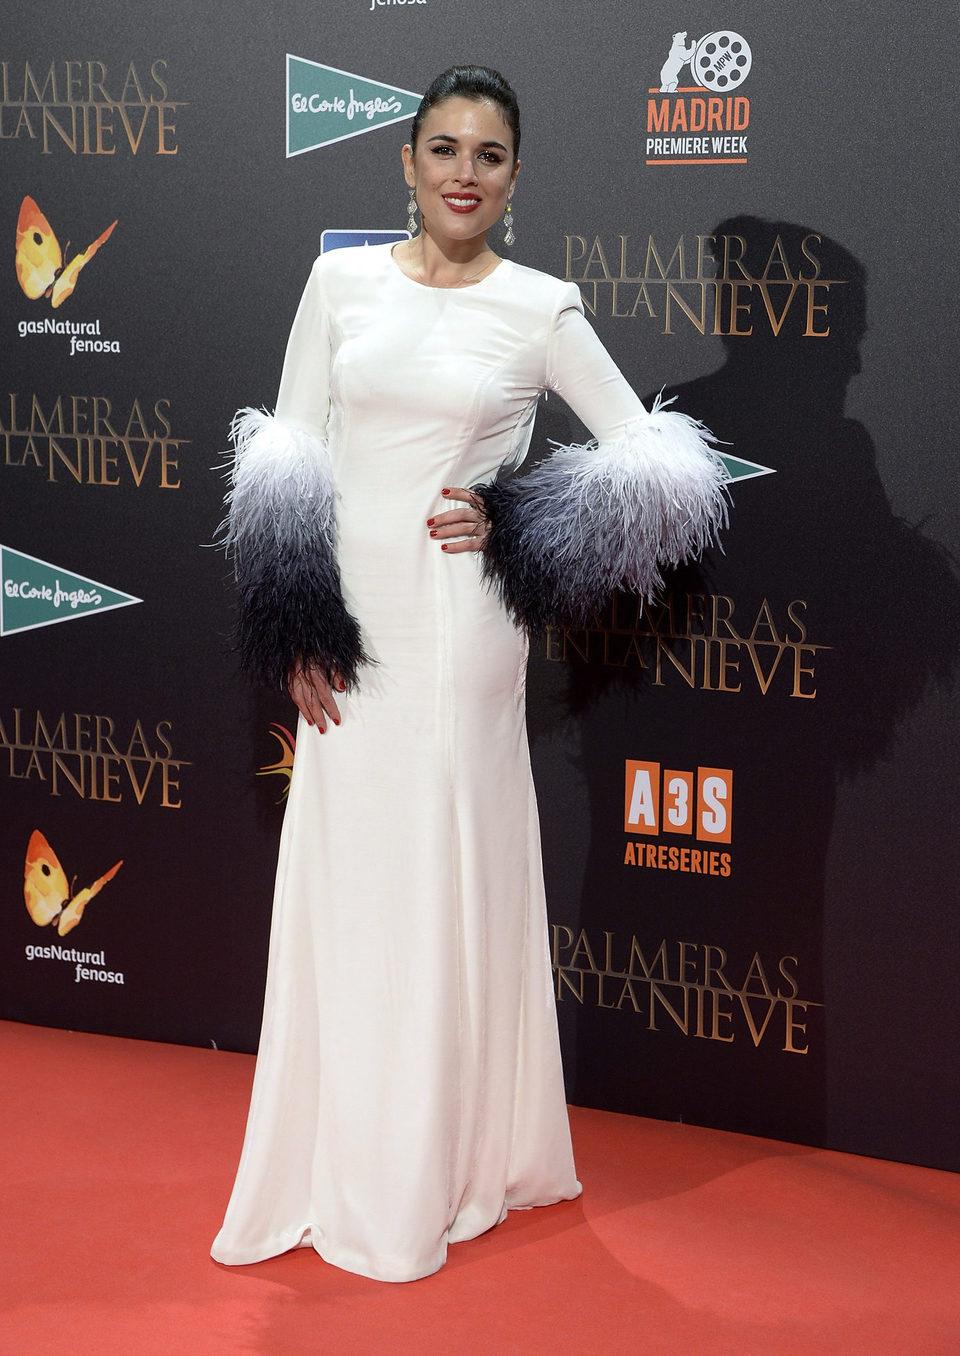 Adriana Ugarte en la premiere de 'Palmeras en la nieve' en Madrid